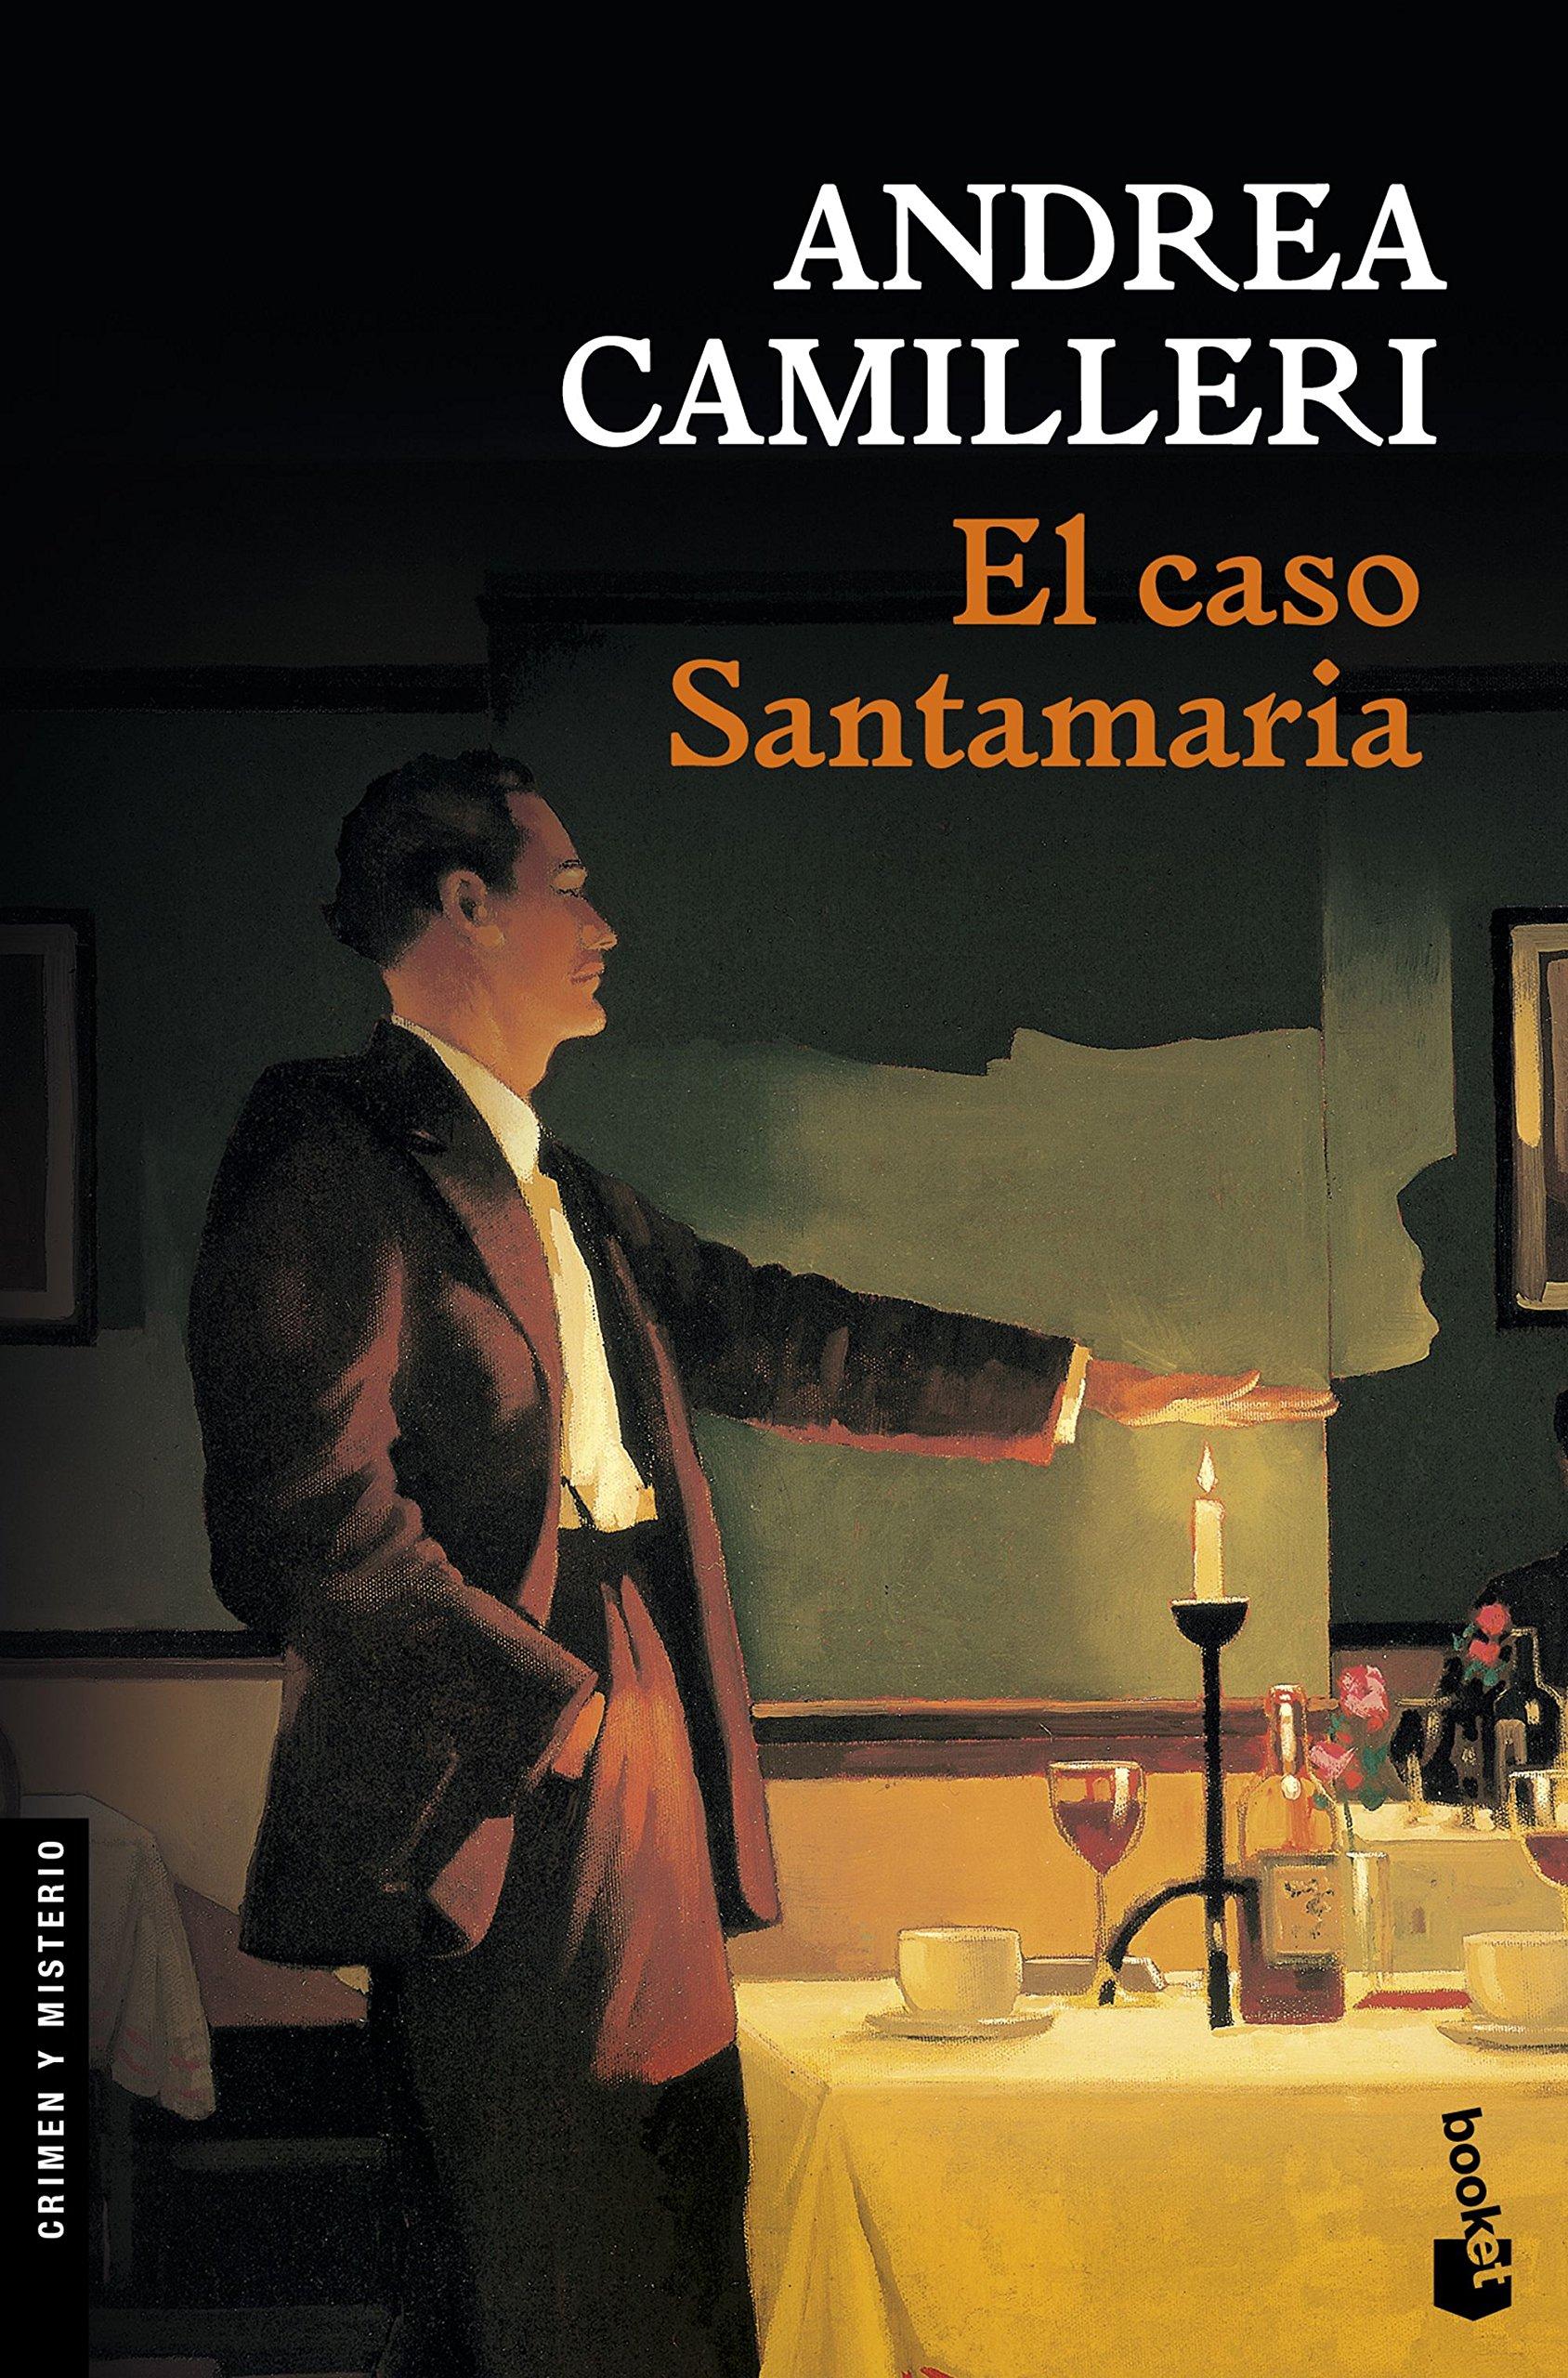 El caso Santamaria (Crimen y Misterio): Amazon.es: Andrea Camilleri, Carlos  Vitale: Libros